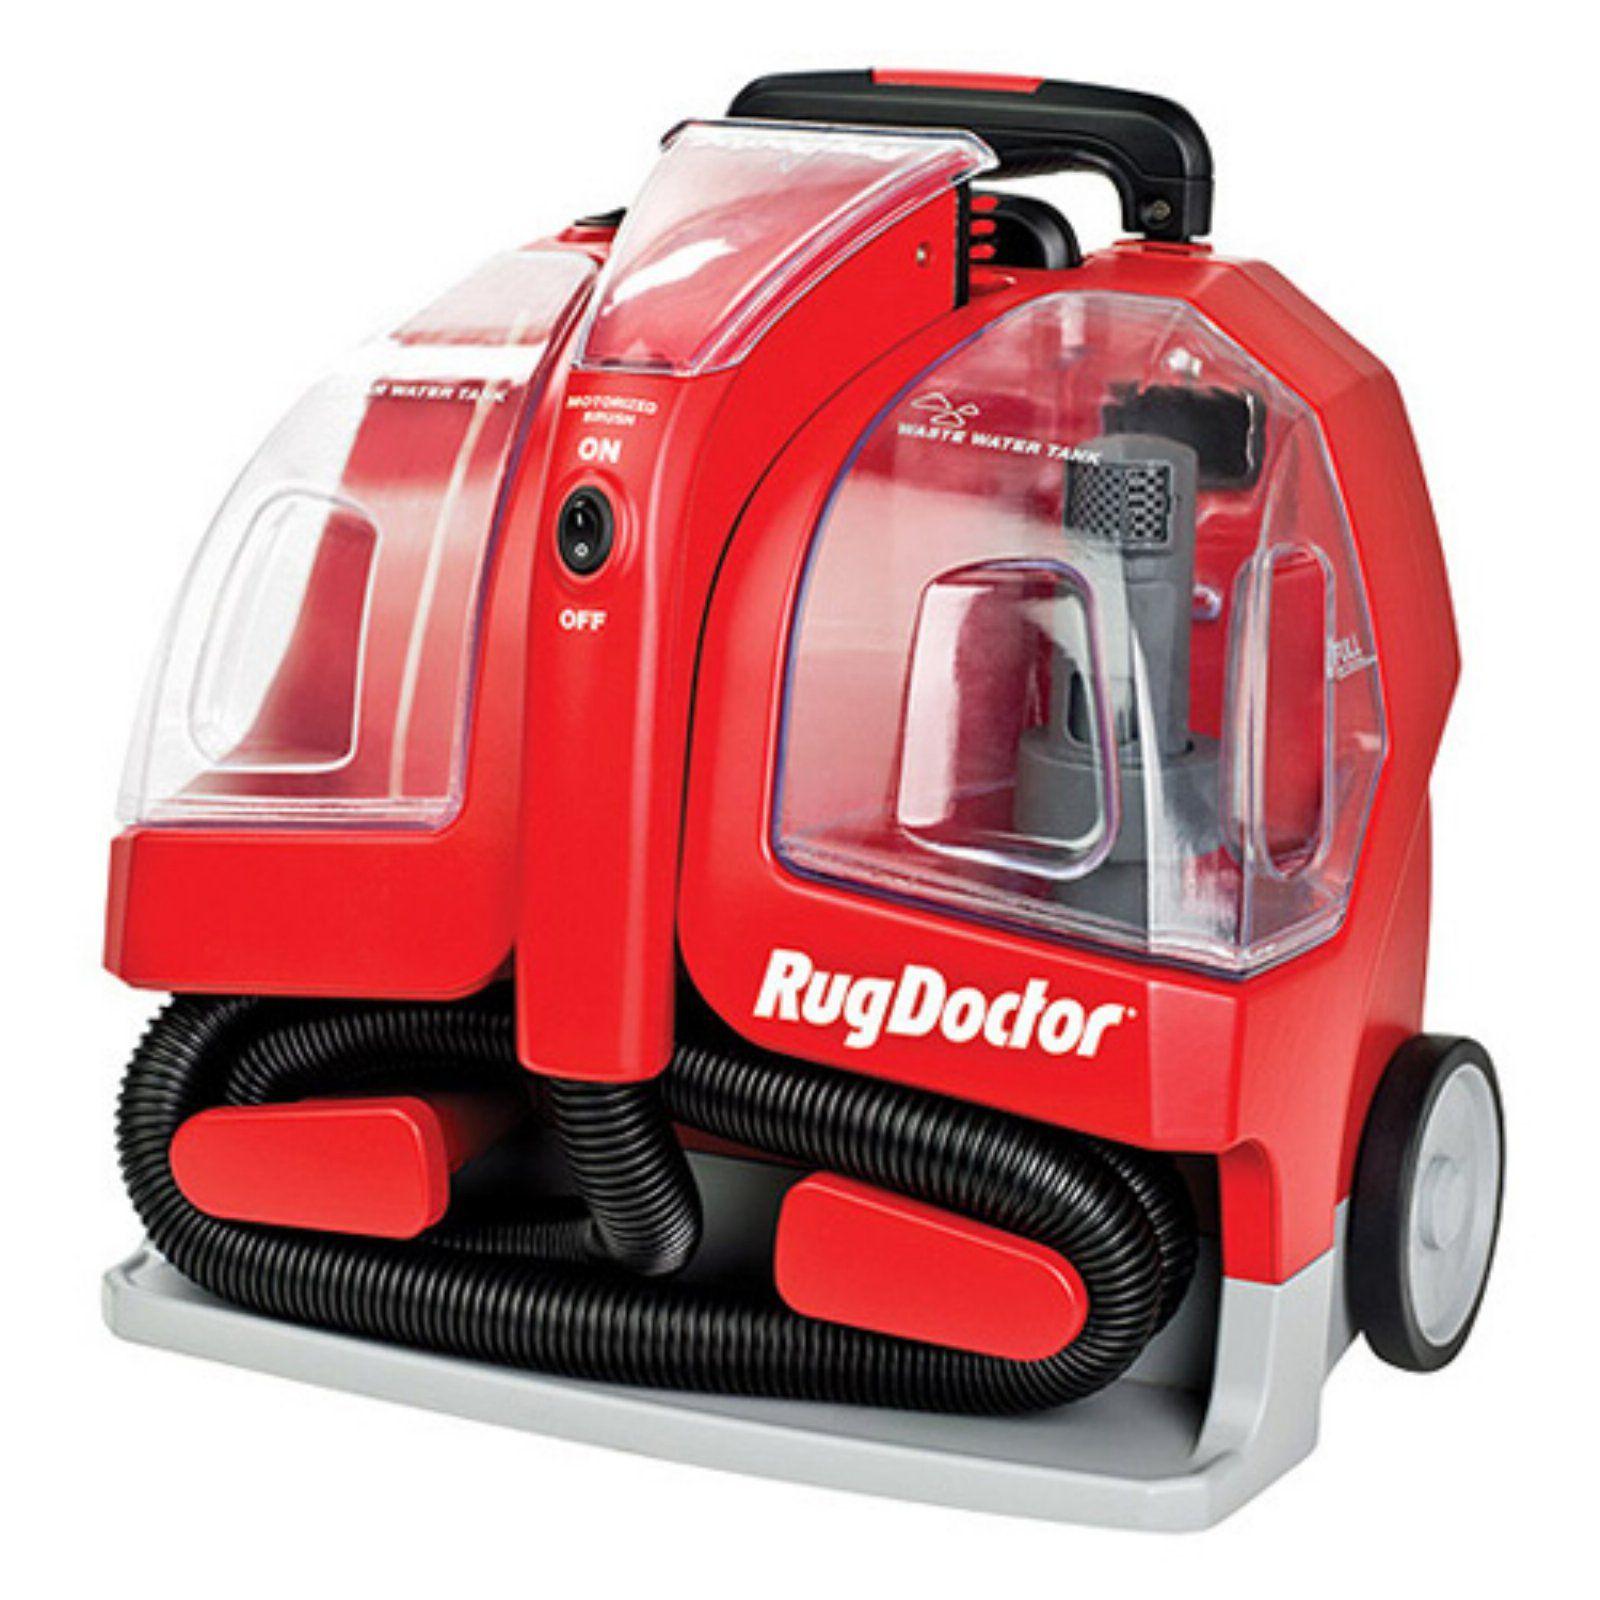 Rug Doctor Portable Spot Carpet Cleaner Rug Doctor Carpet Cleaning Machines Carpet Cleaners